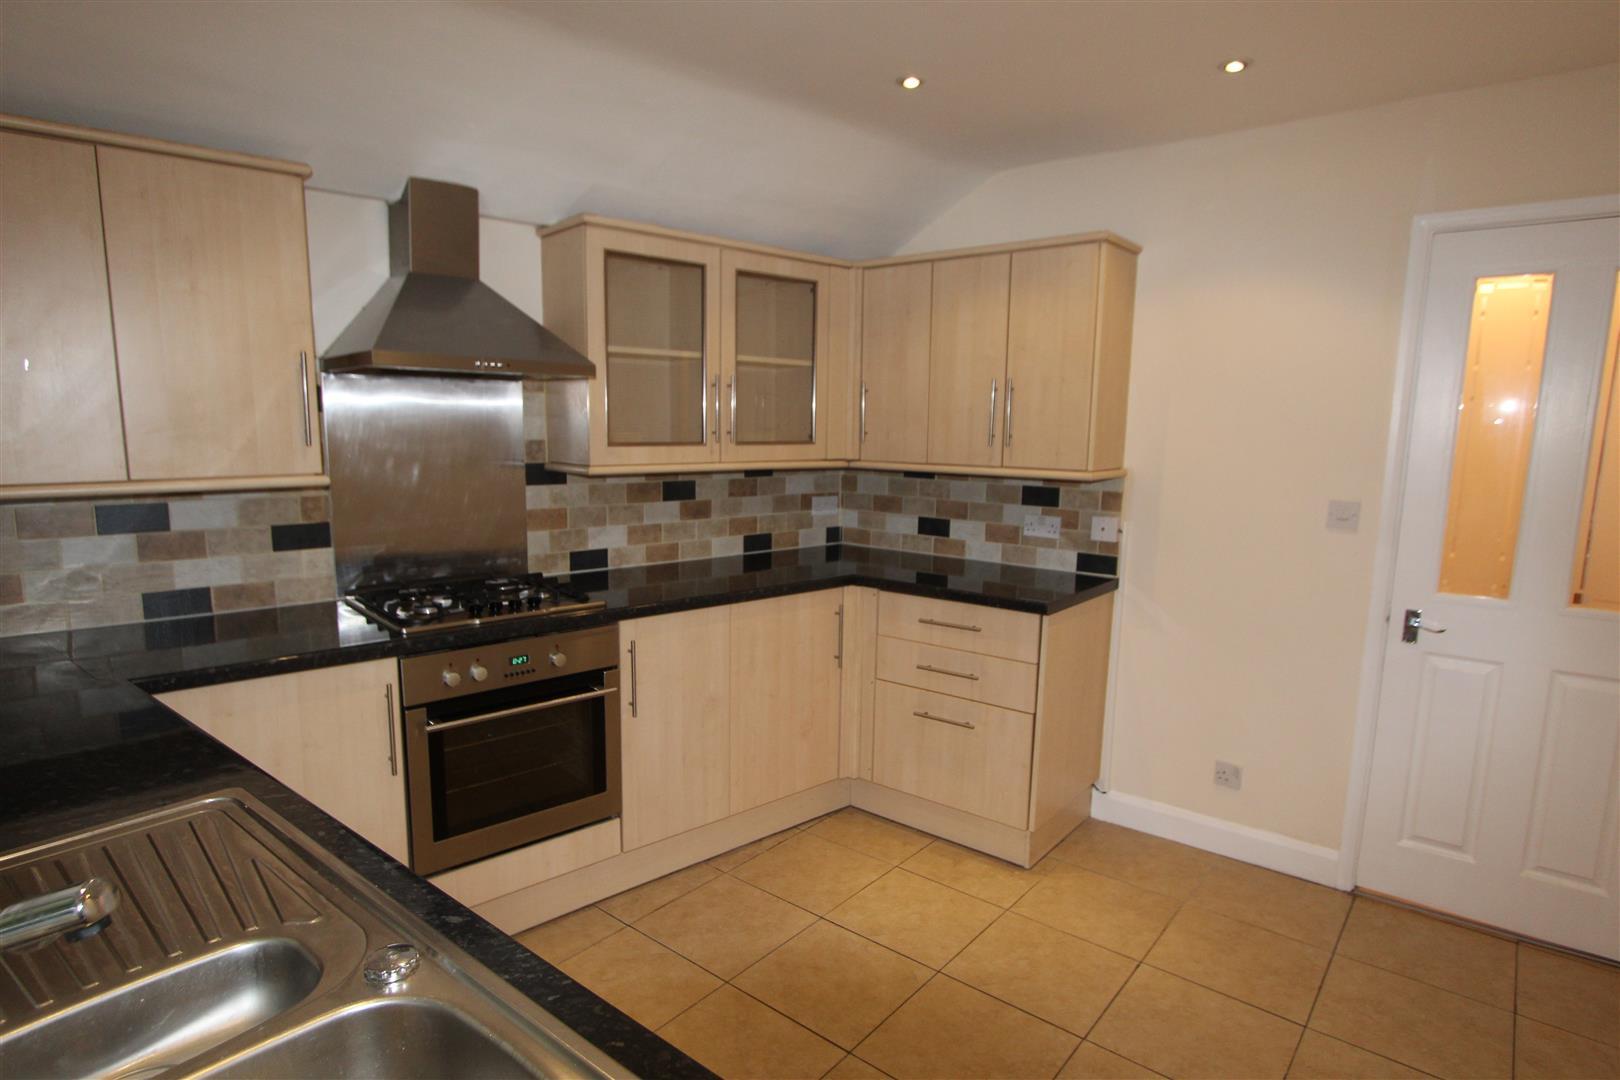 2 Bedroom Apartment For Sale In Belper